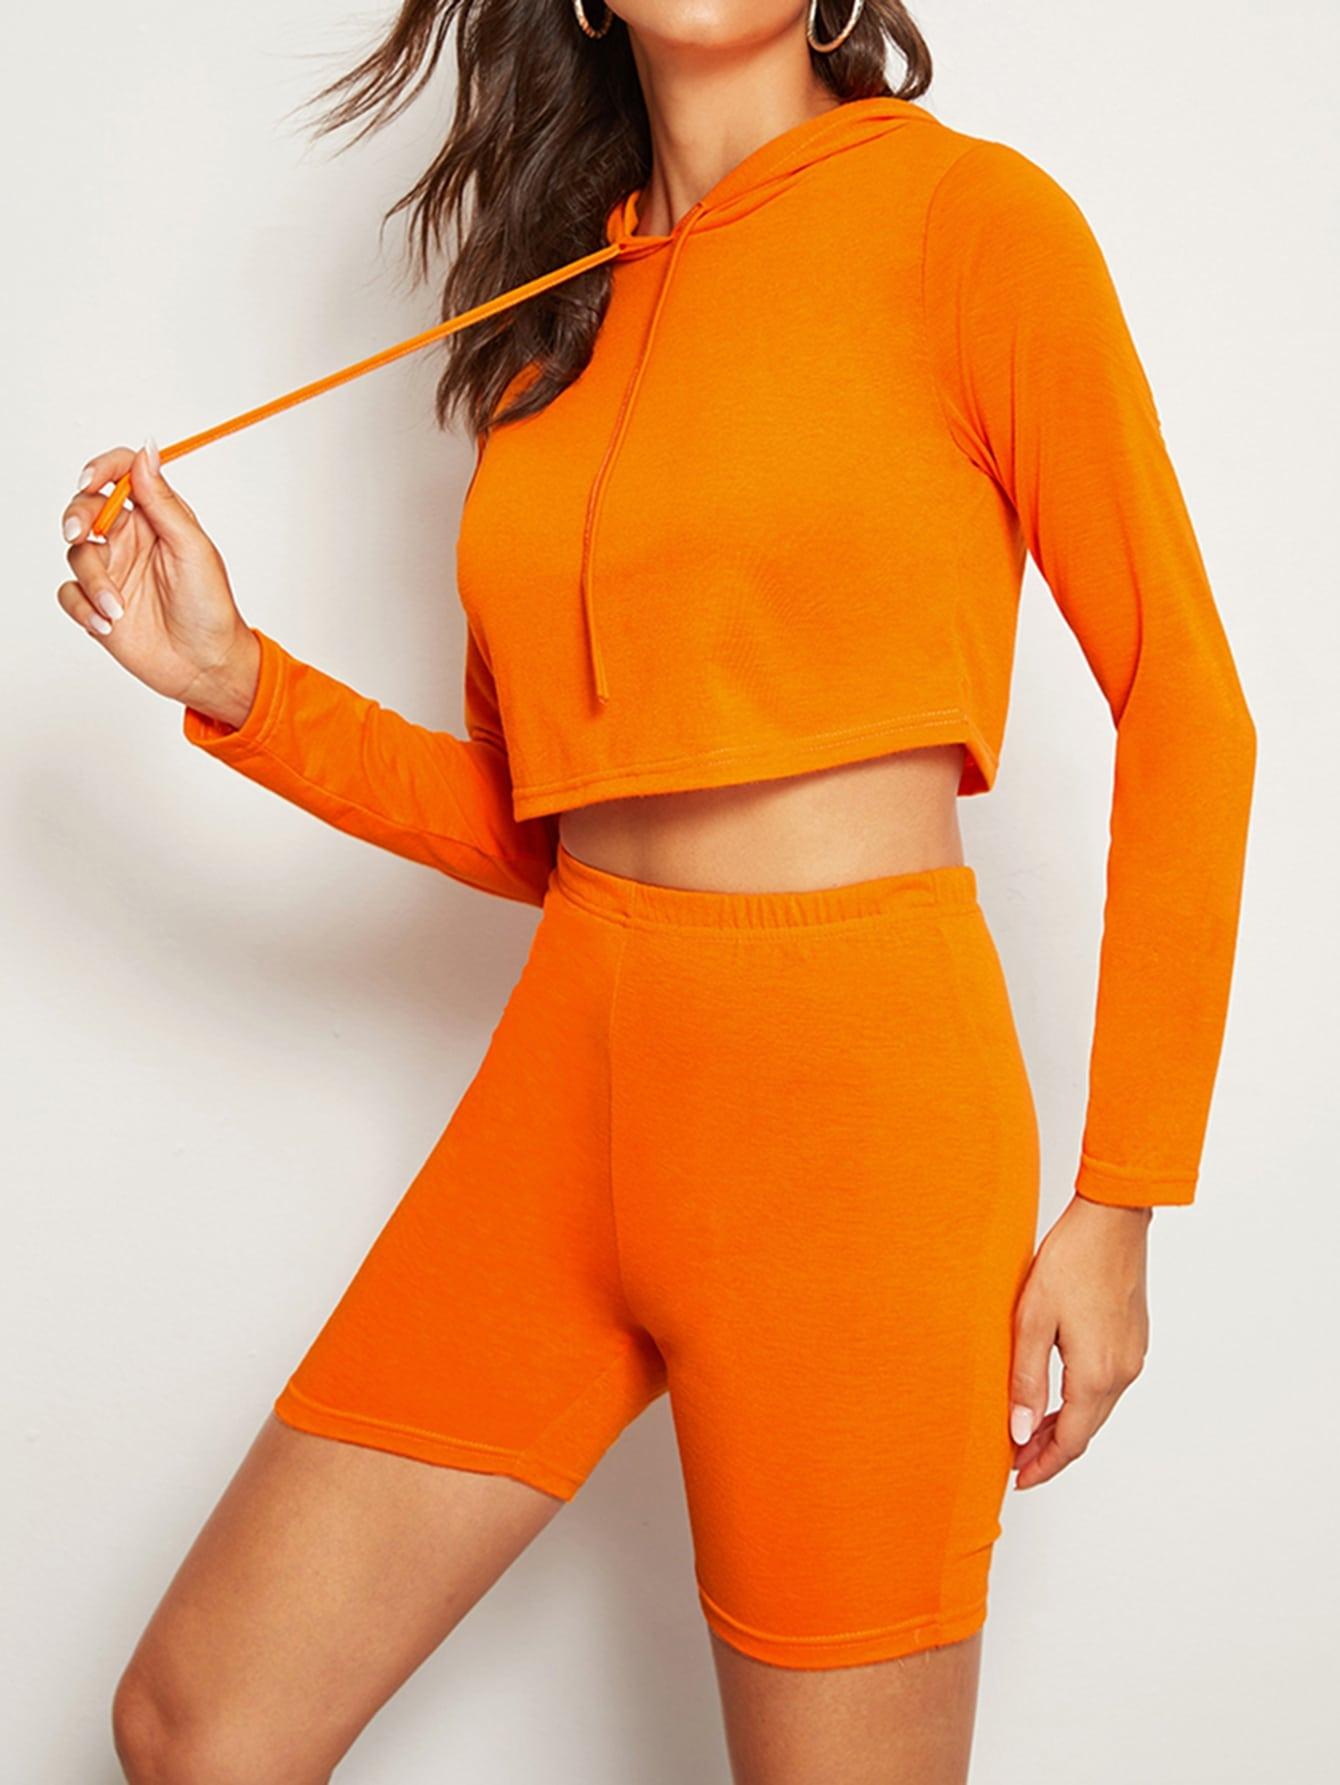 Фото - Велосипедные шорты и футболка с капюшоном от SheIn оранжевого цвета